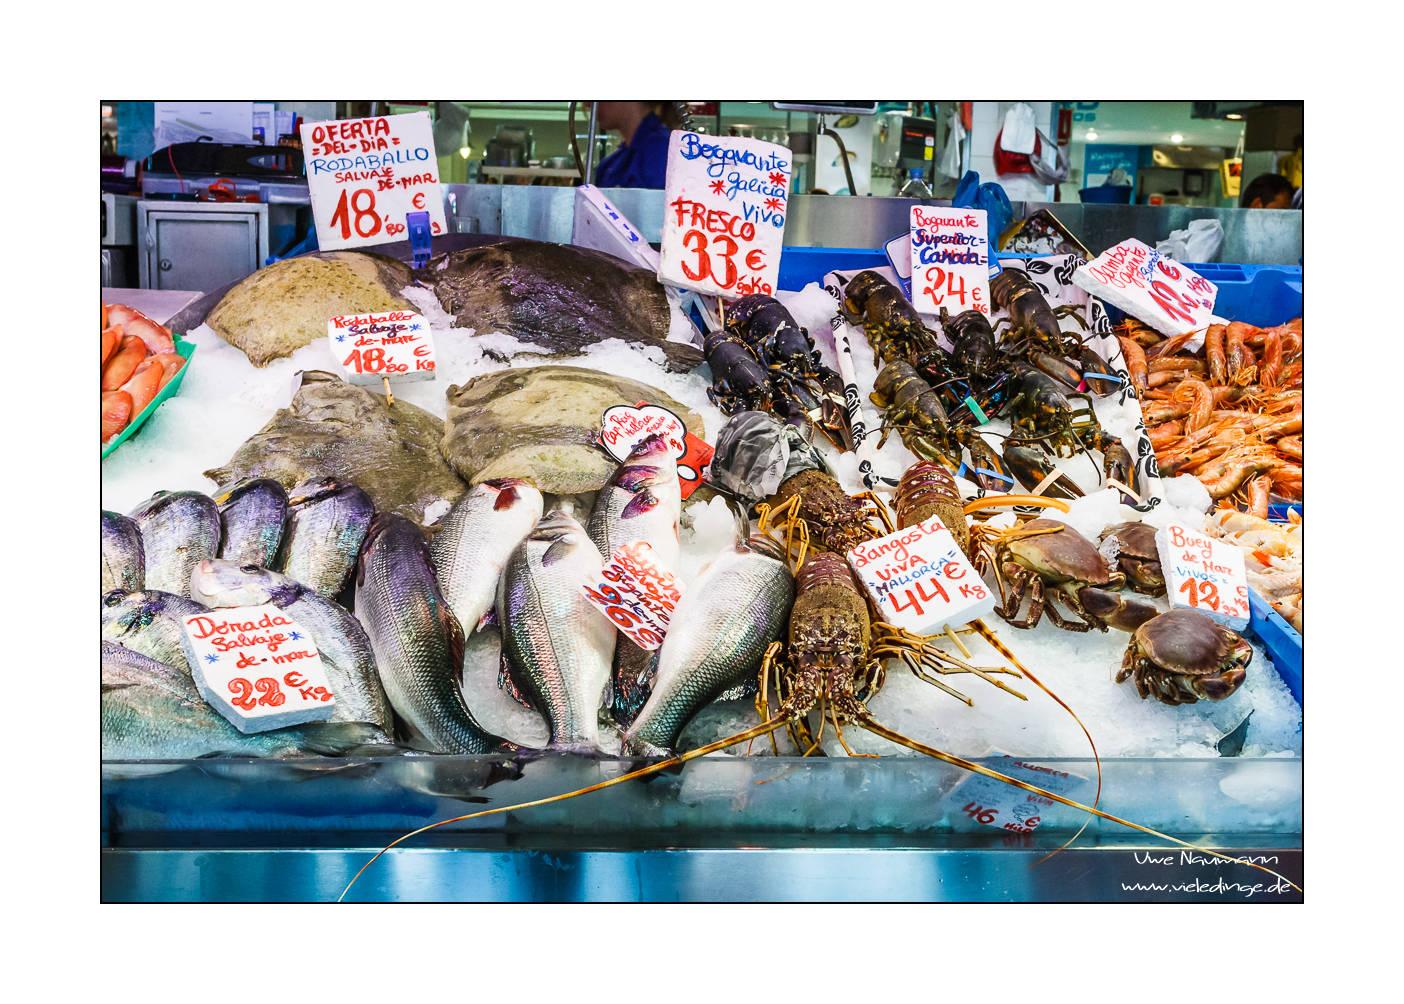 Auslage eines Fischhändlers im Mercat de L'Olivar